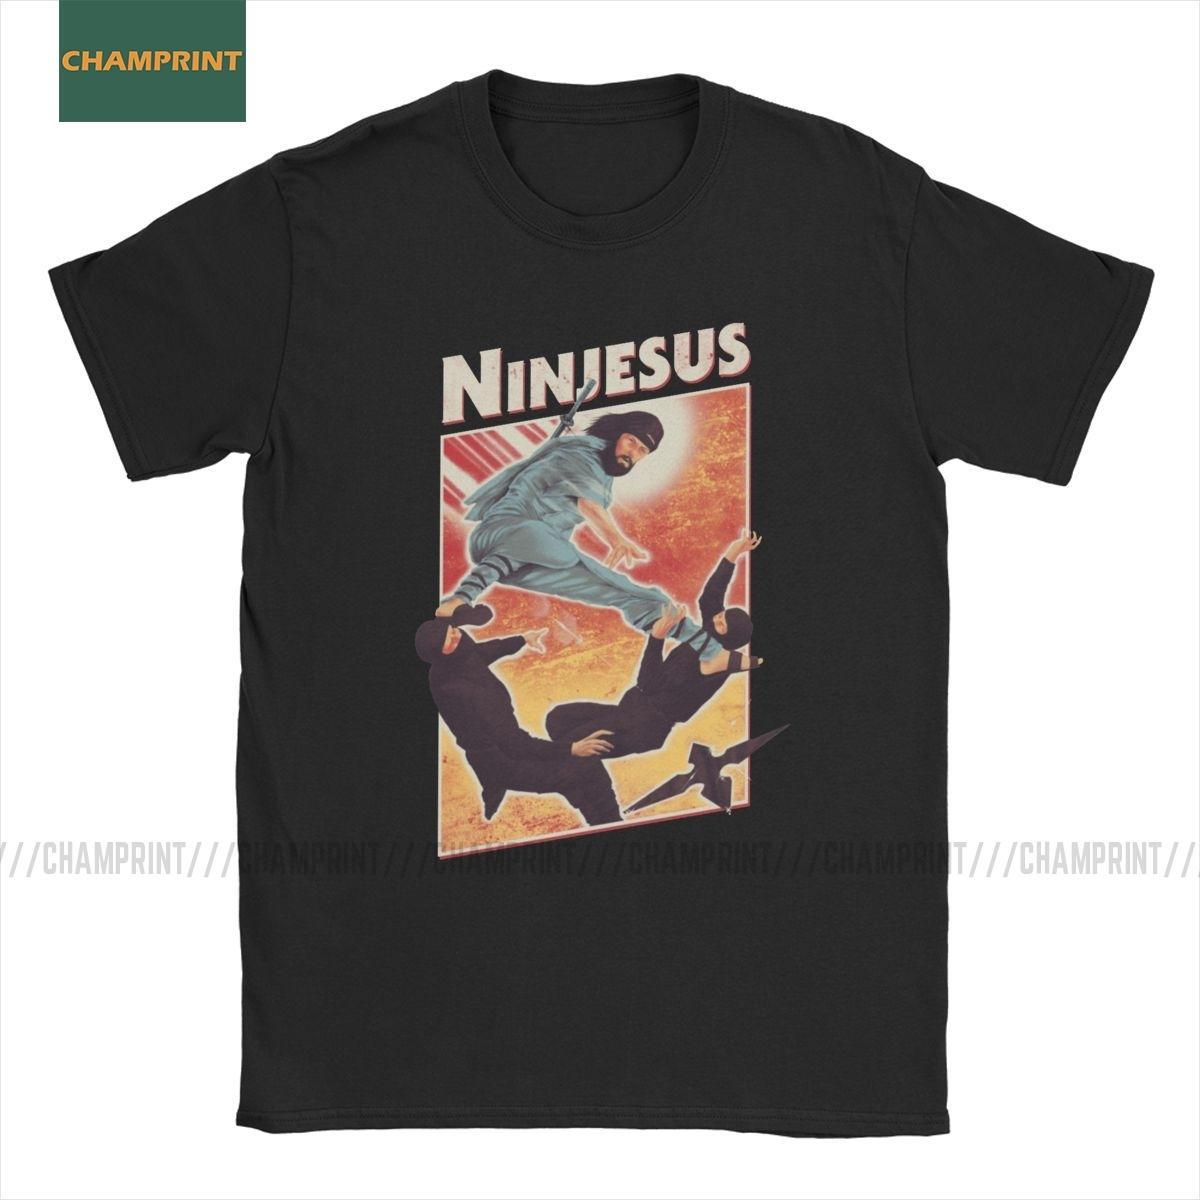 T-shirt la camicia Gesù Ninja Cotton Vintage Tee manica corta Parodia Dio Santo magliette girocollo Abbigliamento Plus Size